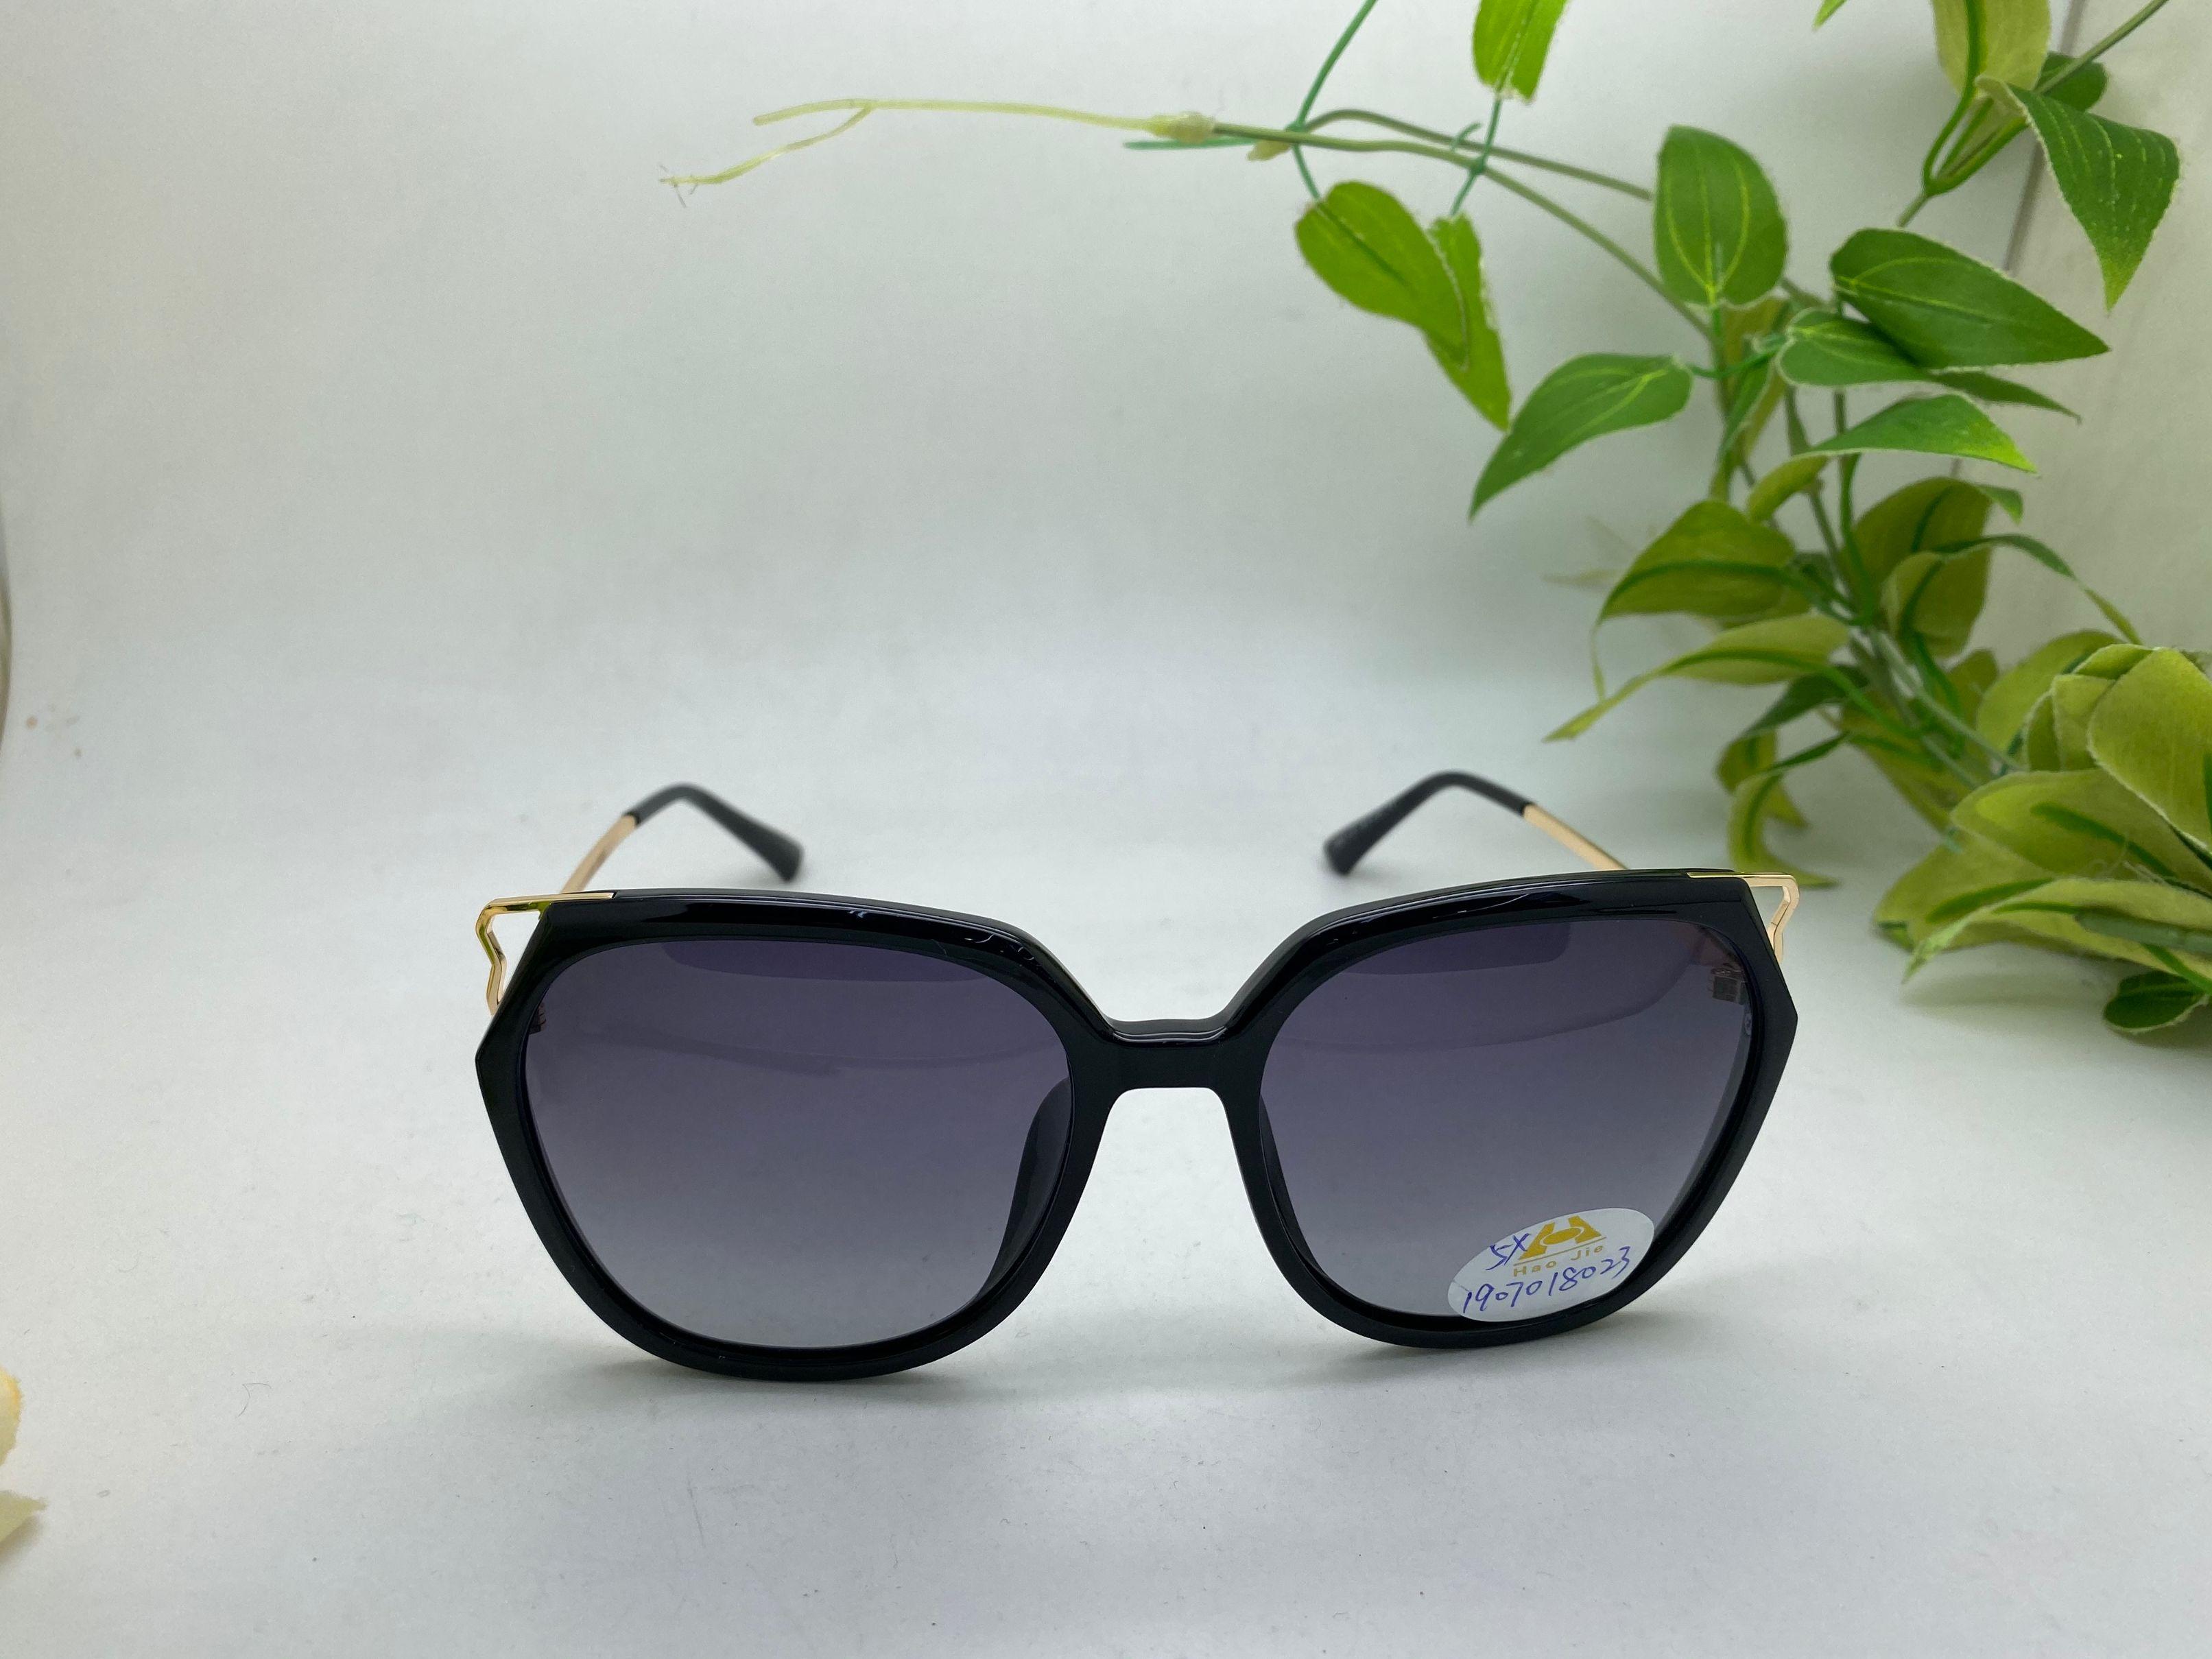 1907-新款太阳镜偏光镜墨镜女时尚韩版潮